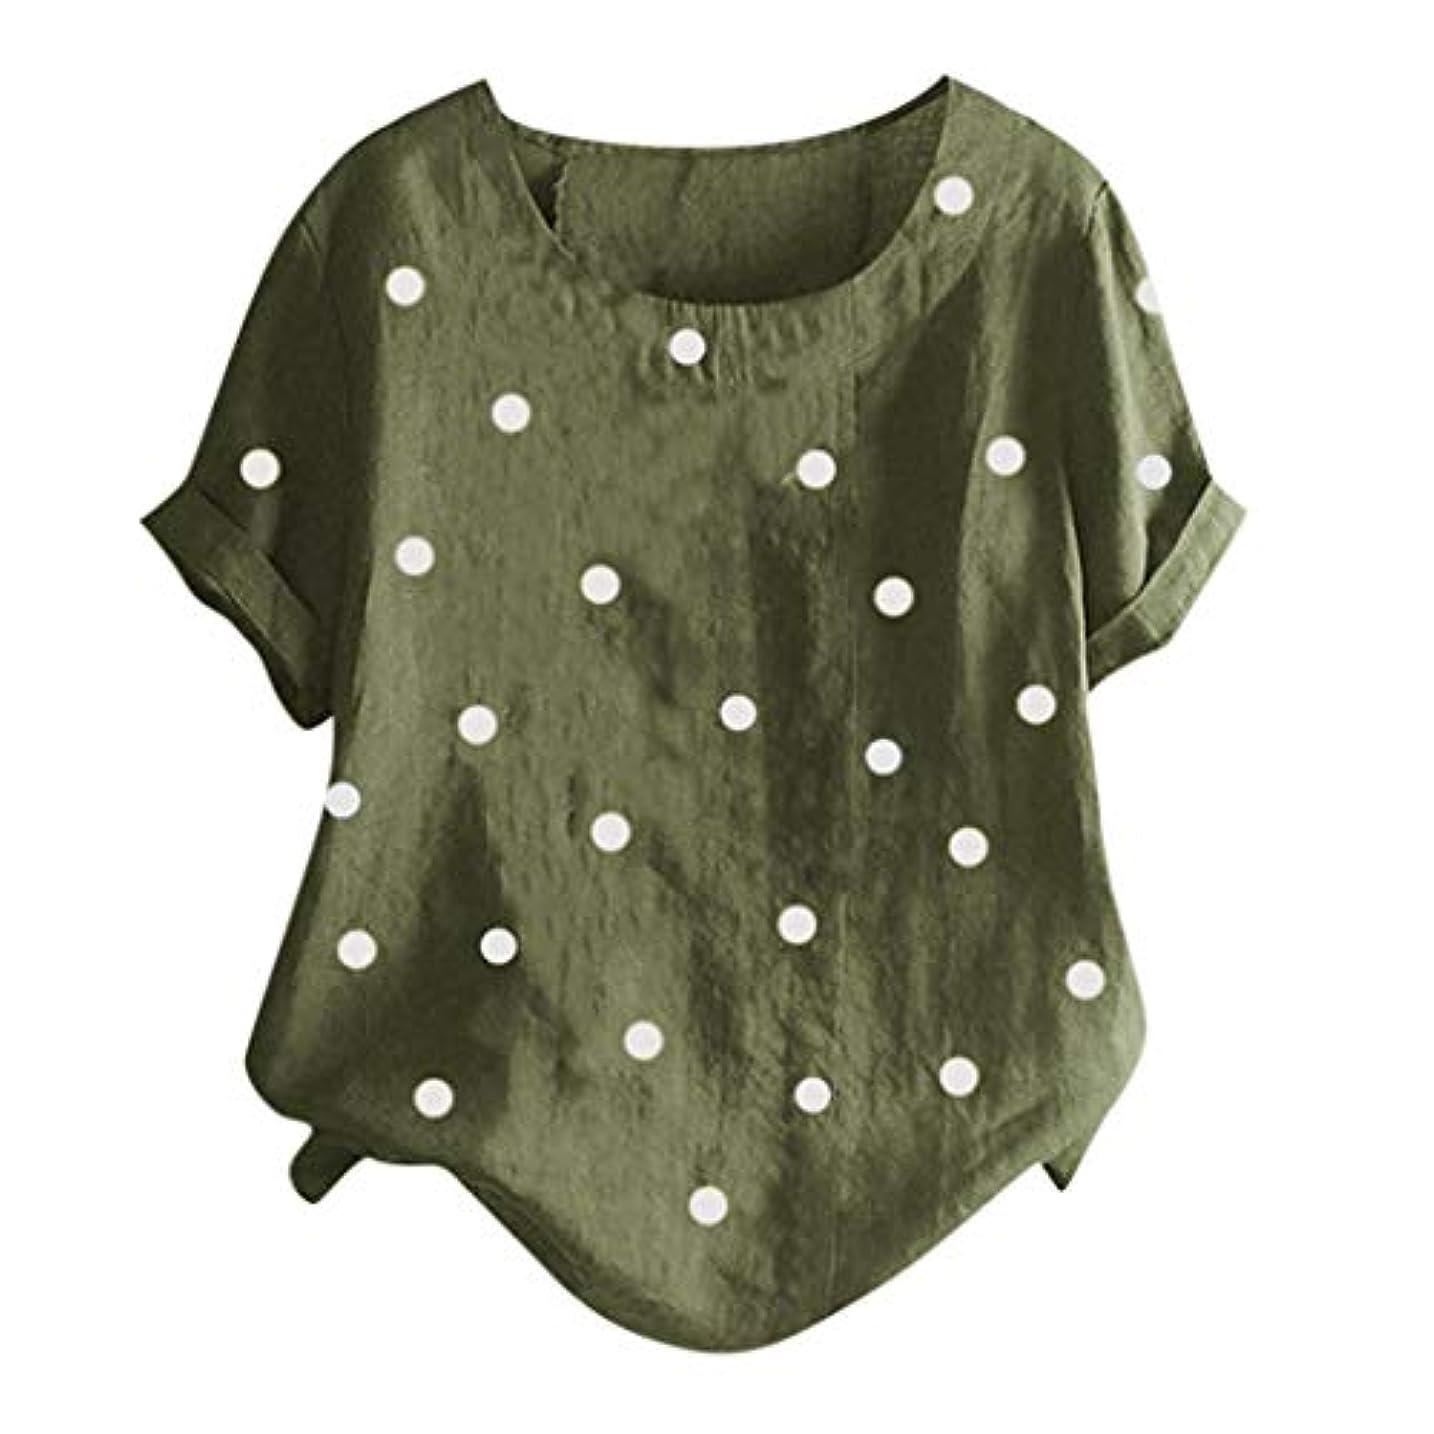 激しいシビック必須亜麻 ティーシャツ メンズ 純色 Vネック 綿麻 ブレンド 気持ち良い 半袖 ワッフル サーマル スウェット 薄手 上着 多選択 若者 気質 流行 春夏対応 日系 カットソー 和式 Tシャツ 人気商品